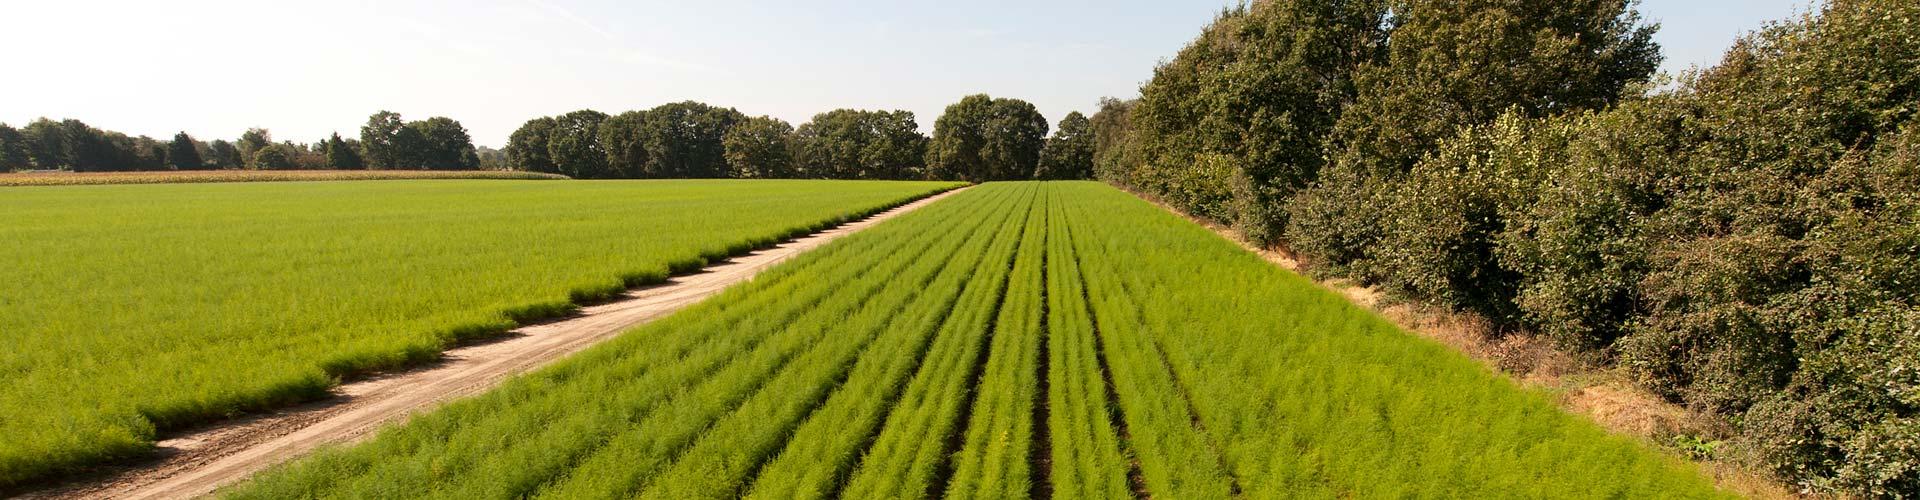 EG-Pflanzenpass, QS und Naktuinbouw zertifiziert - Nur die besten Spargelsorten für Ihre Erträge.